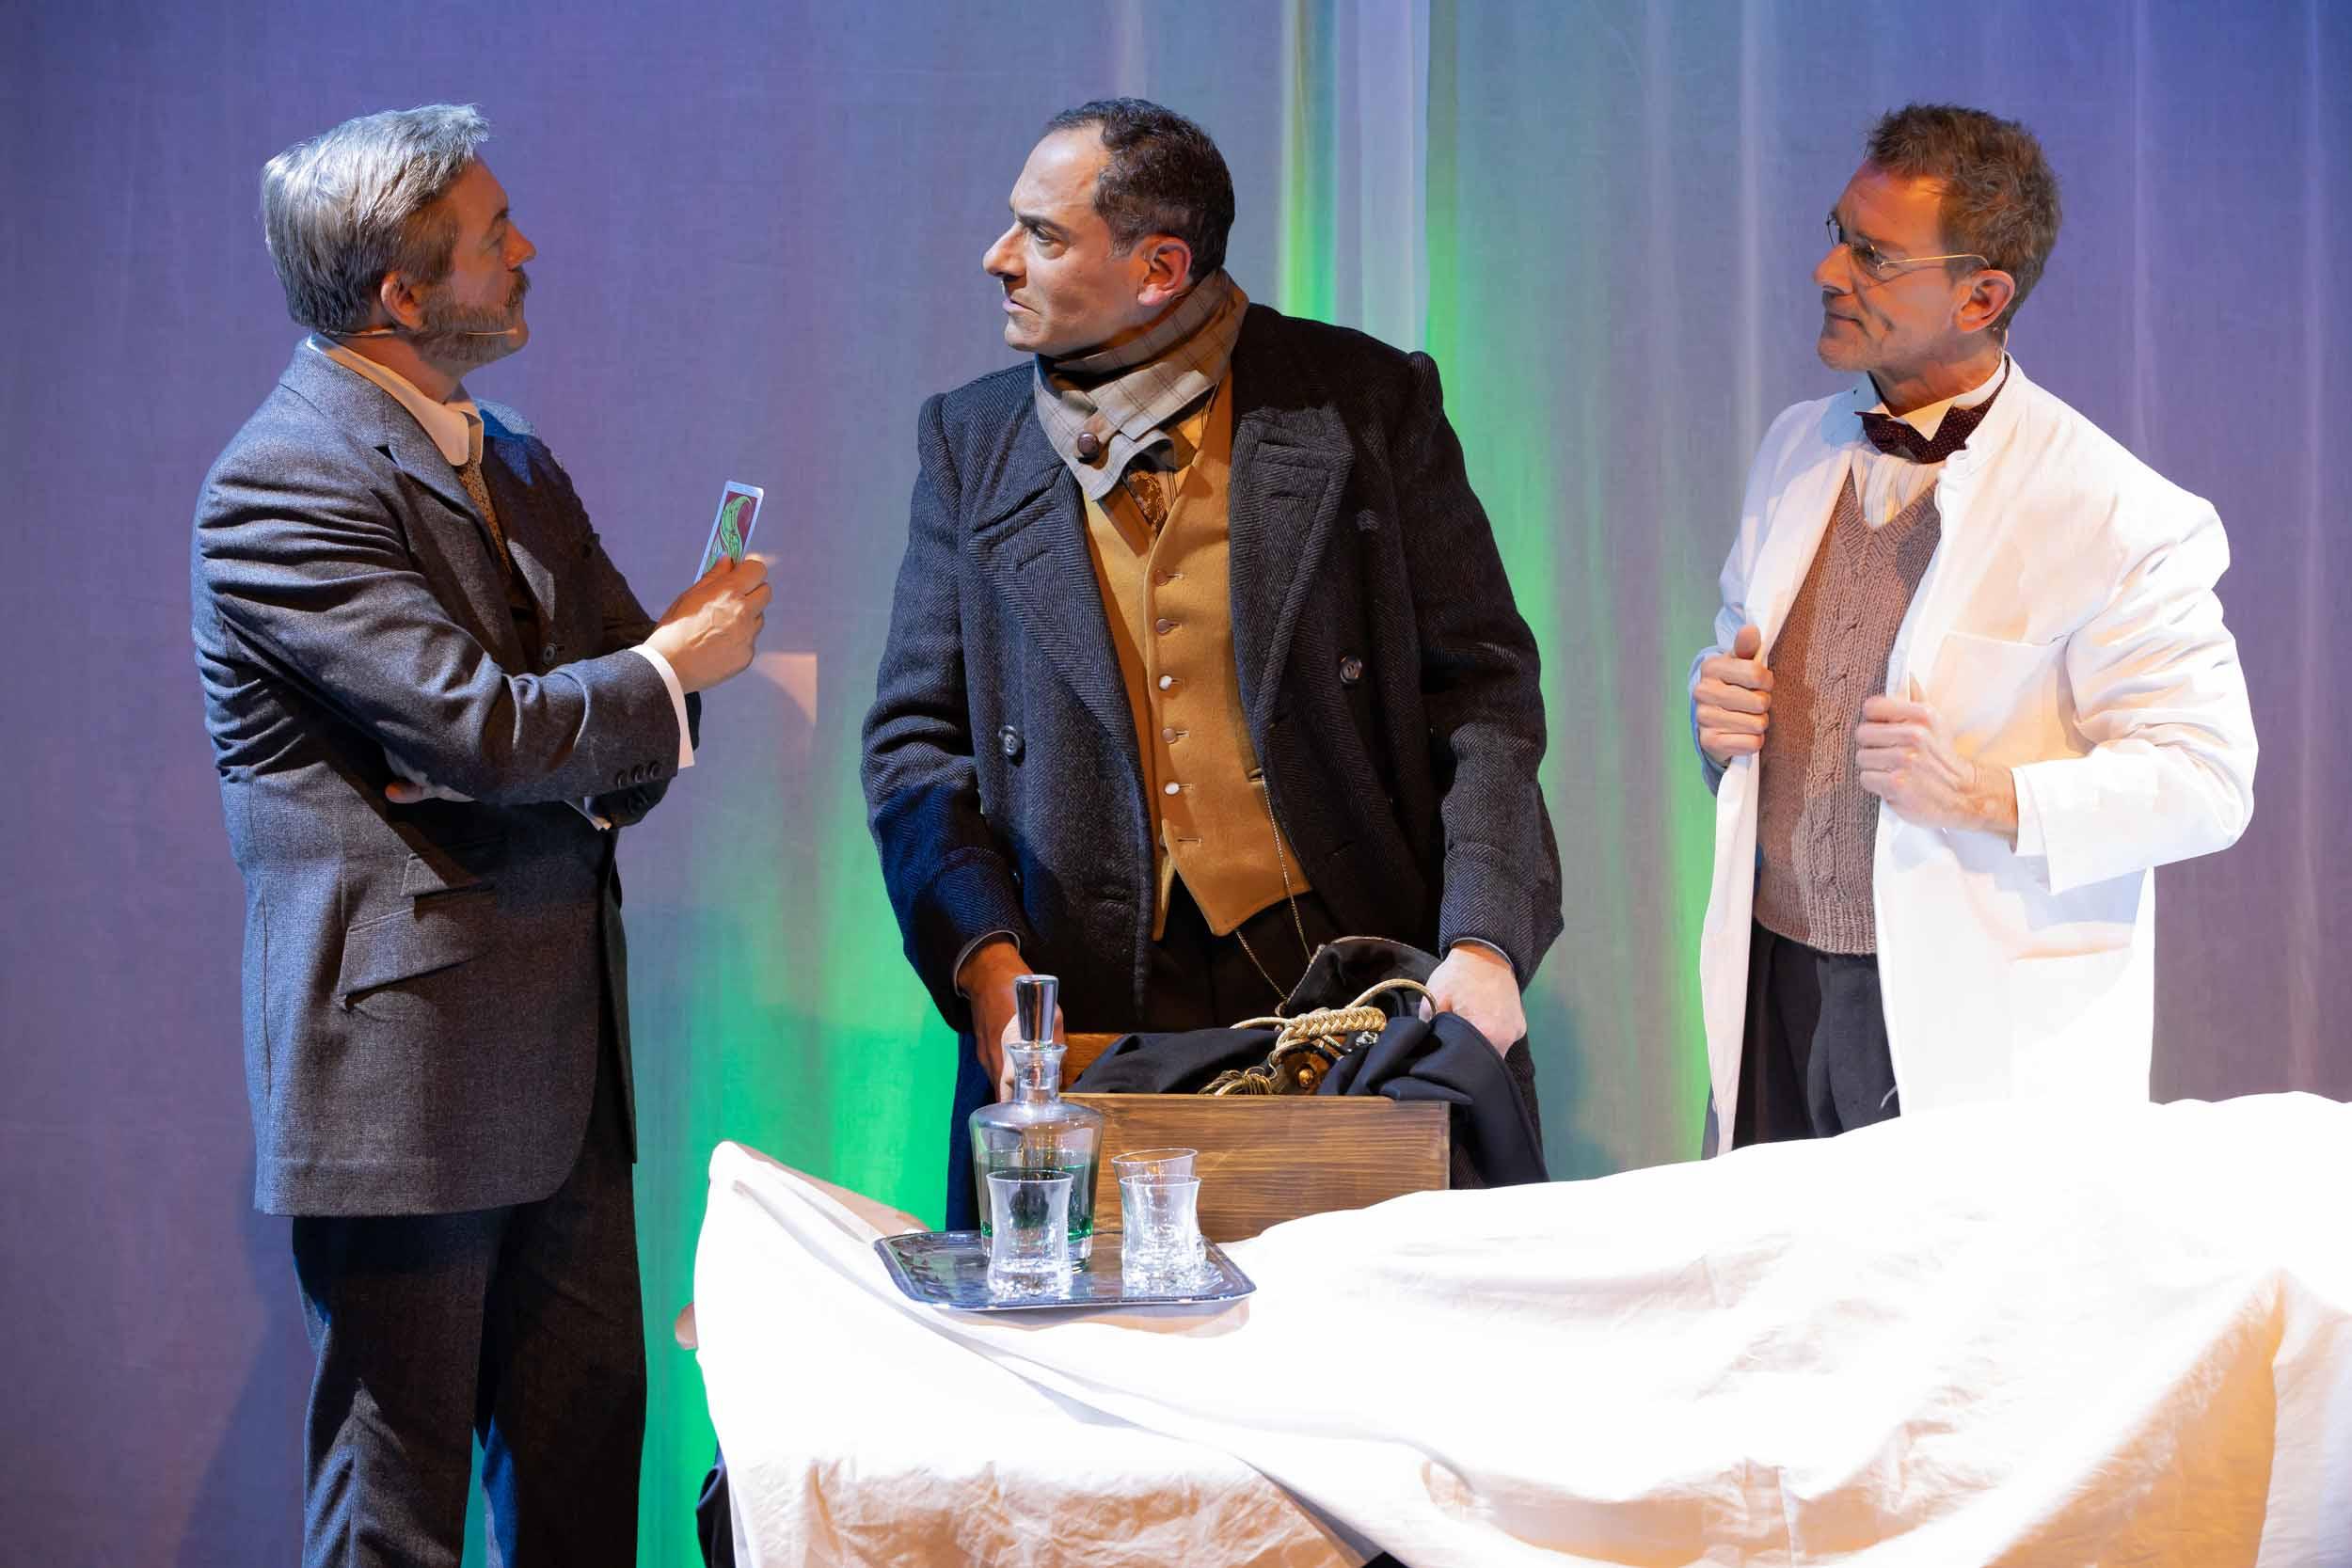 Dr. Watson (Frank Logemann), Sherlock Holmes (Ethan Freeman) + Dr. Sawbones (Olaf Meyer) © Mirco Wallat